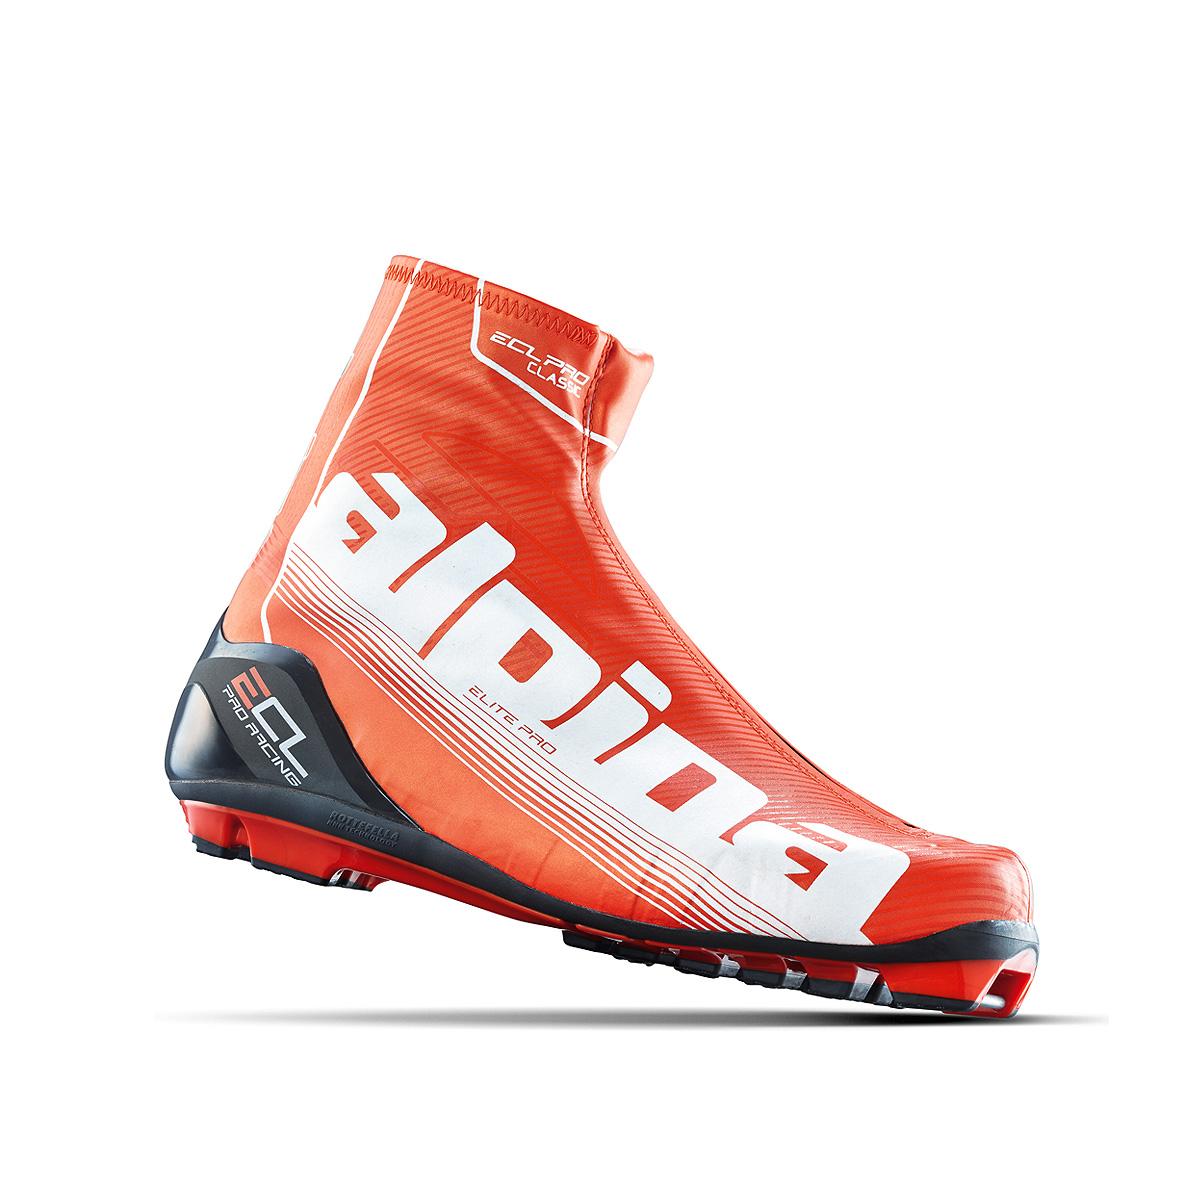 Běžecké boty Alpina ECL PRO 2018 2019  5a866def49